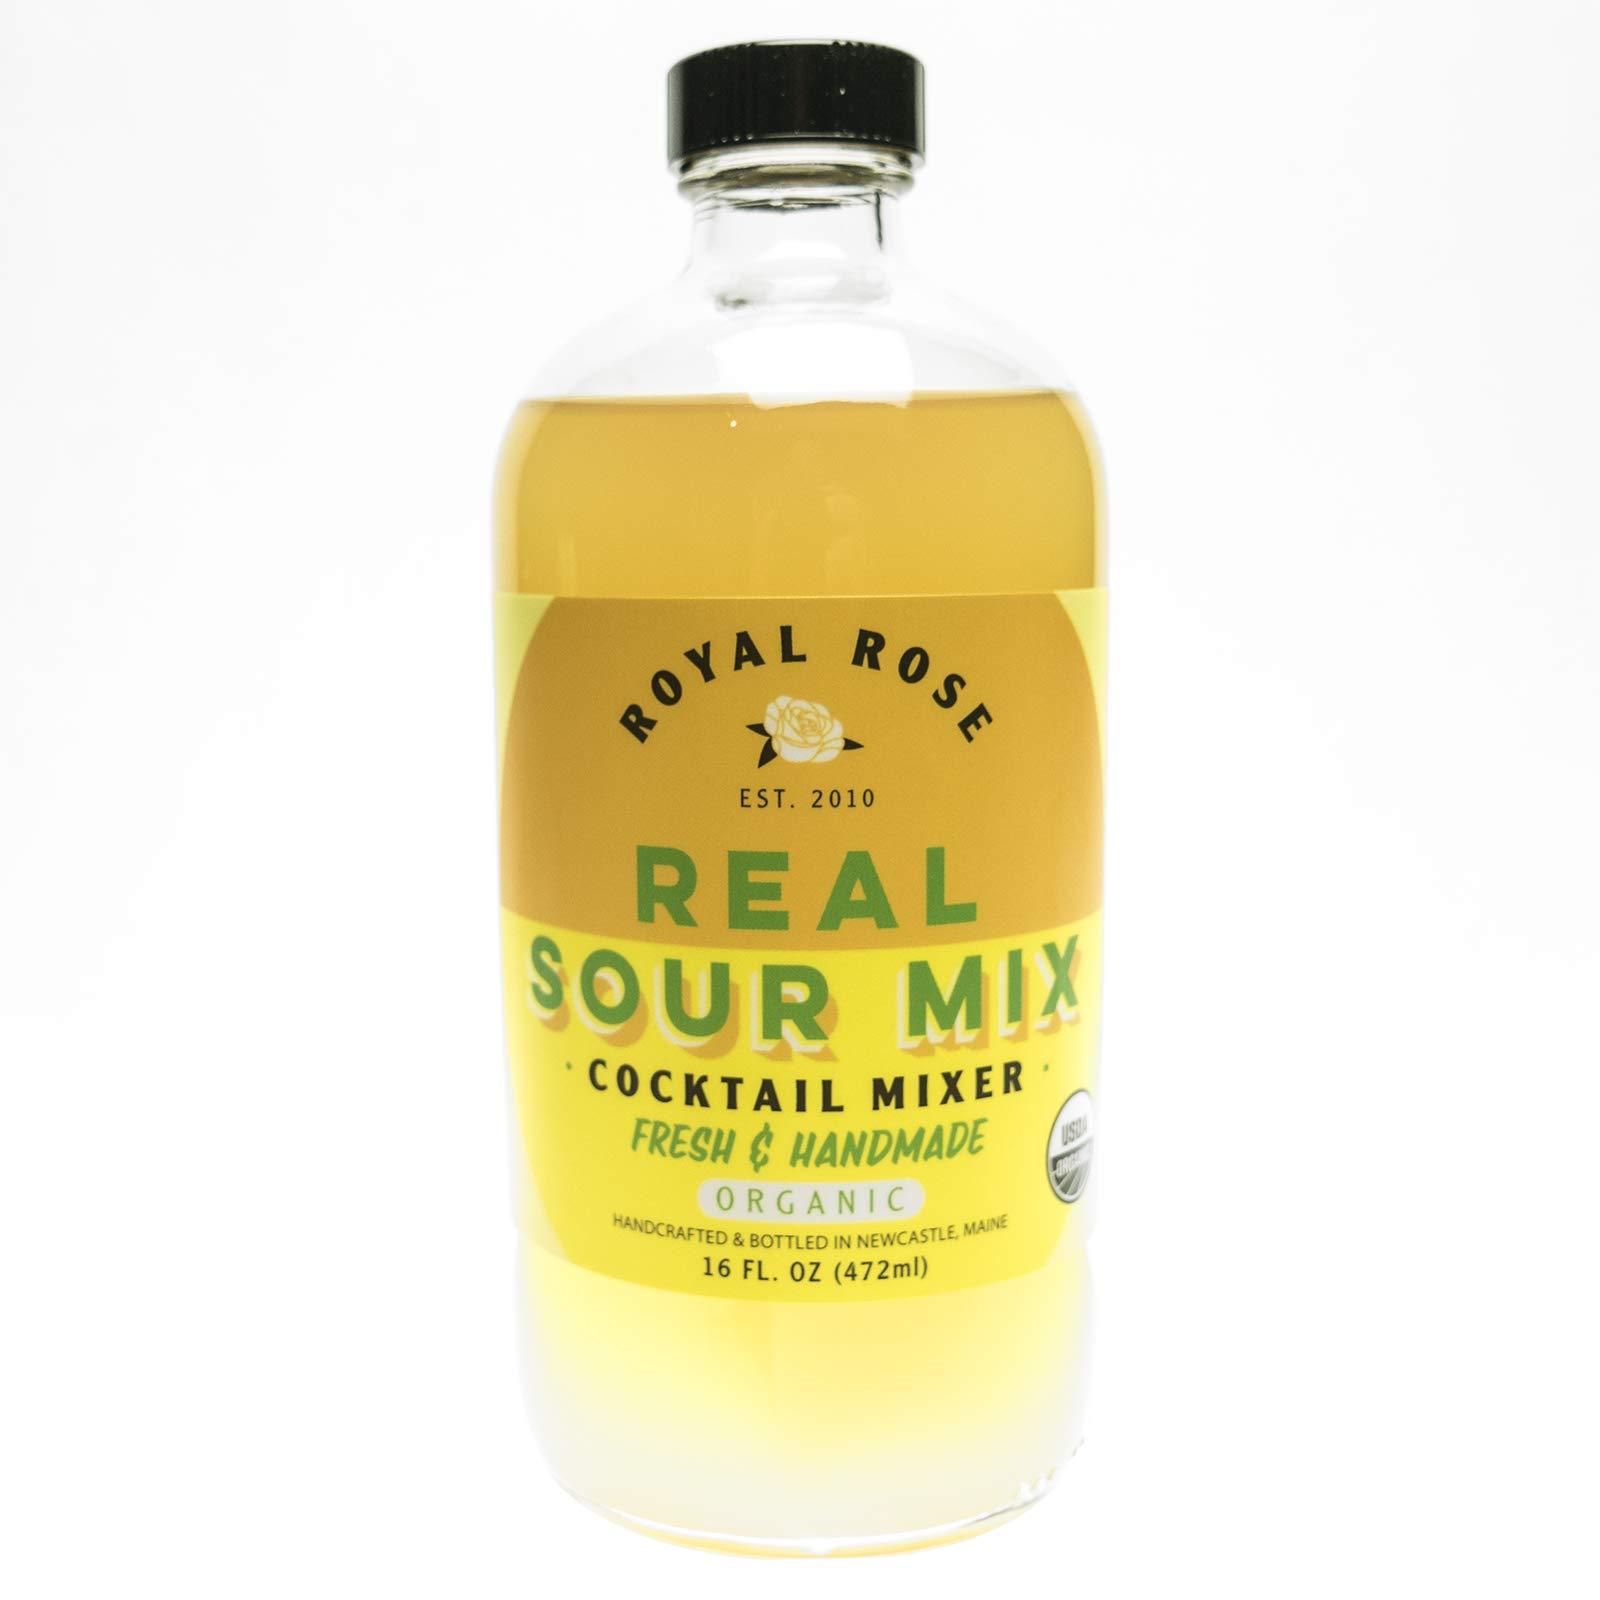 Royal Rose Organic Sour Mix, 16 Ounce